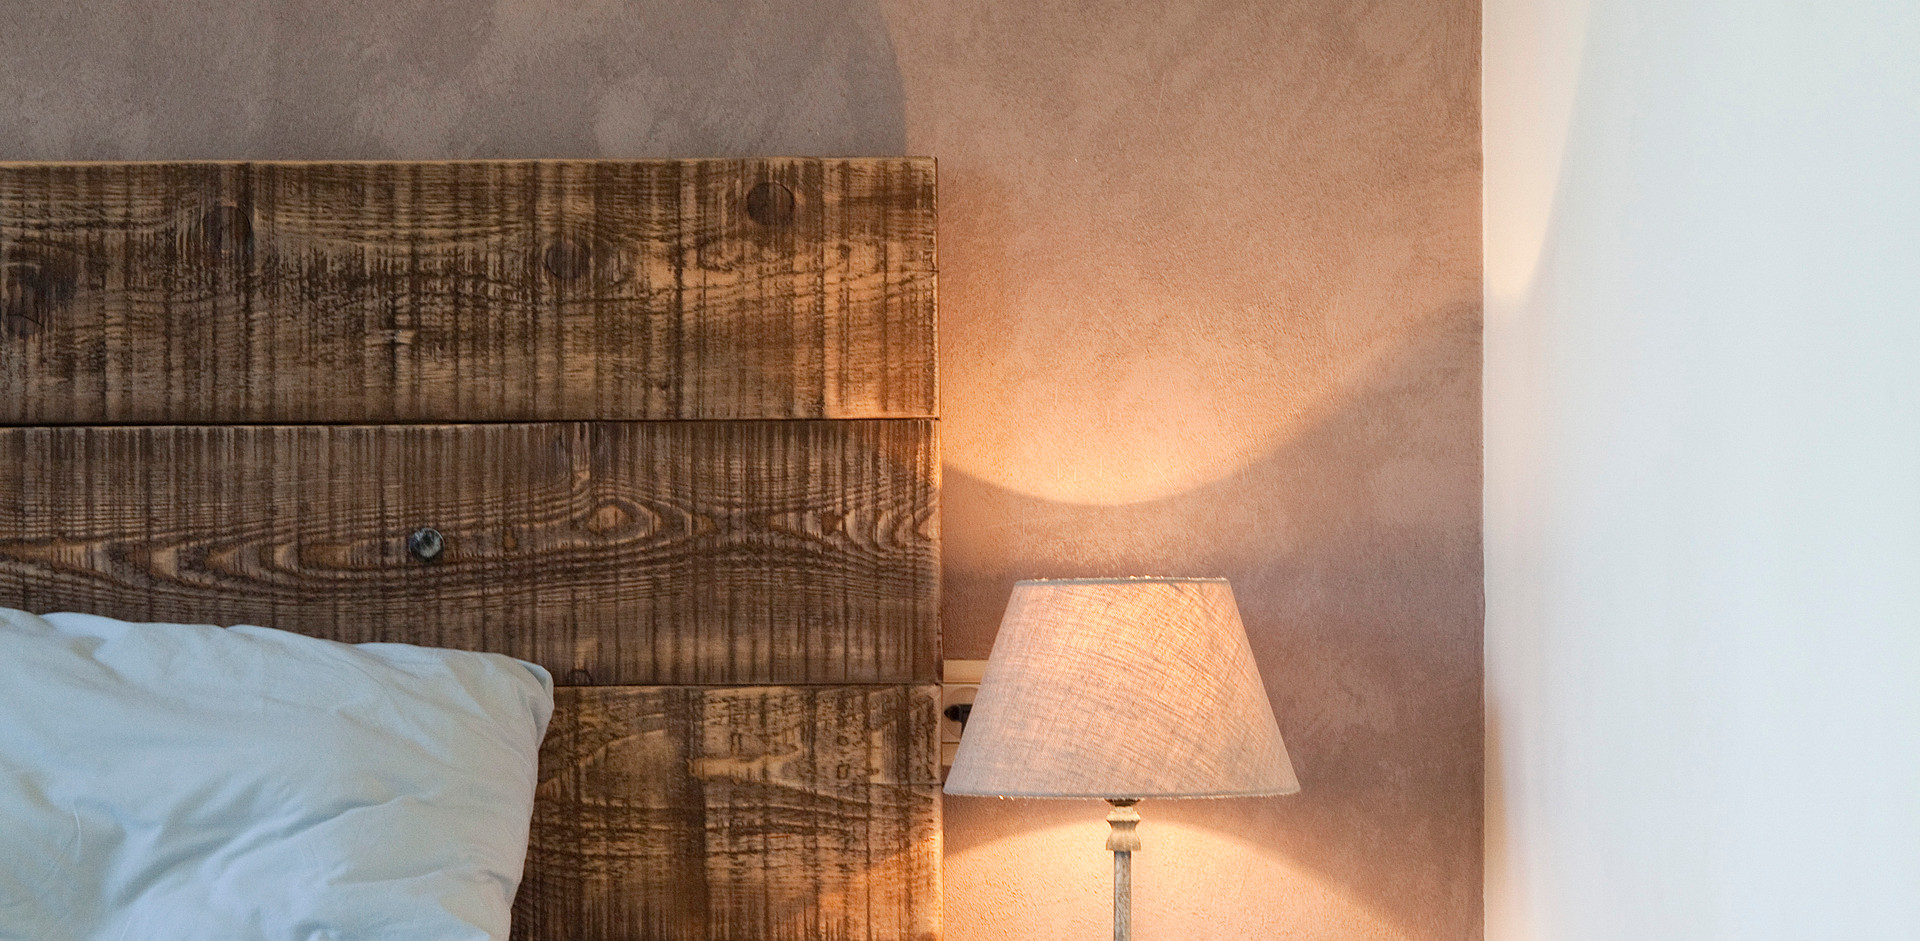 שידה ליד המיטה היא יצירה של שילוב  מגרות פח שלוקטו בשווקים עם יחידת עץ מעובדת